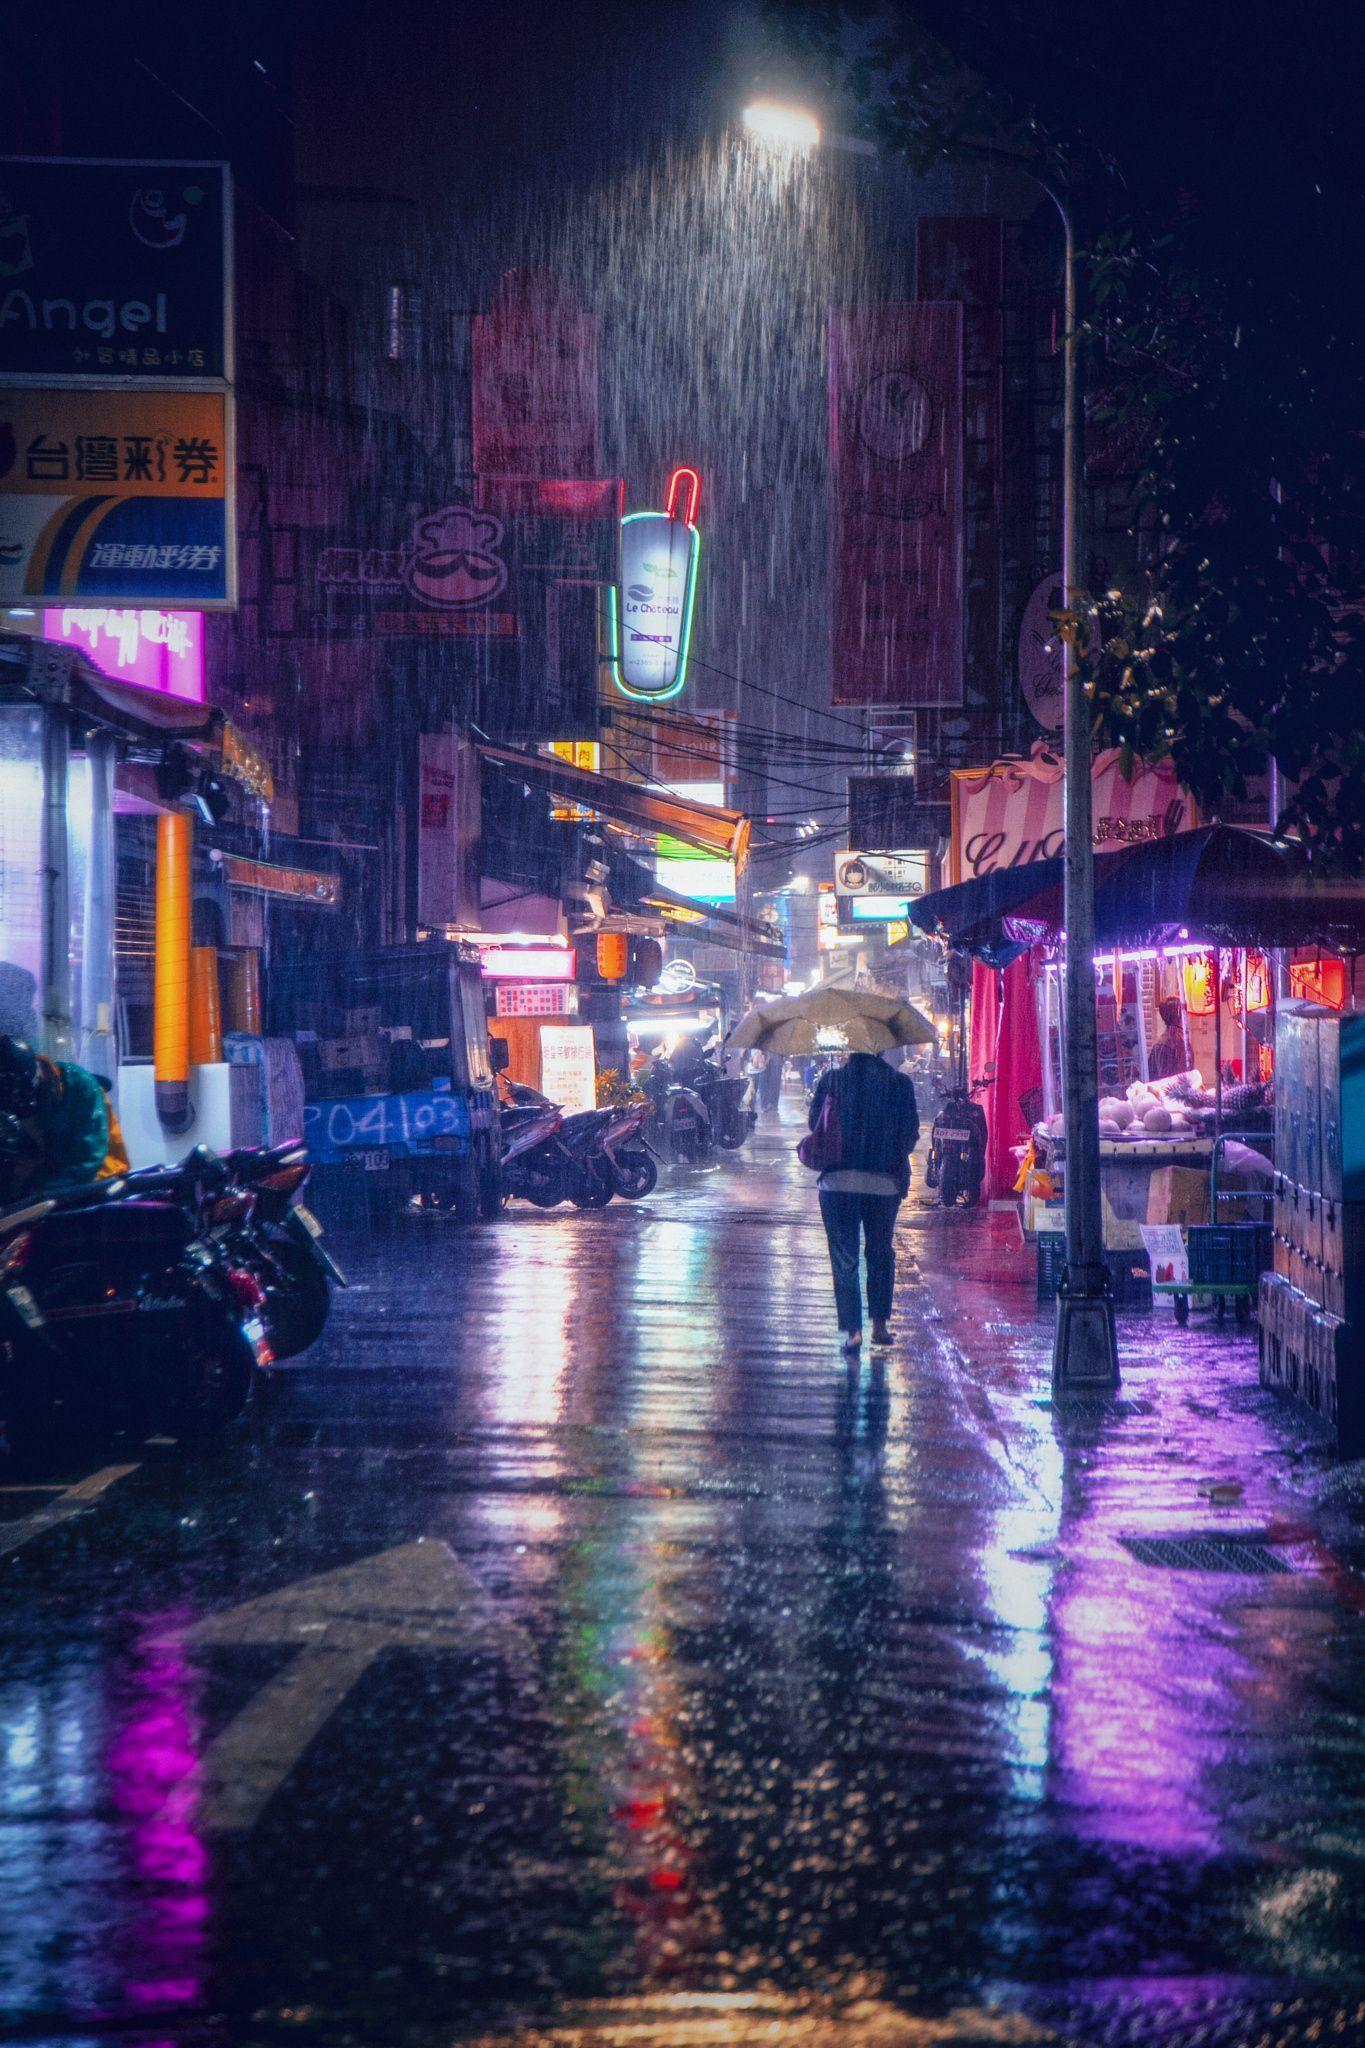 neon signs + rain, taipei, taiwan travel destinations in